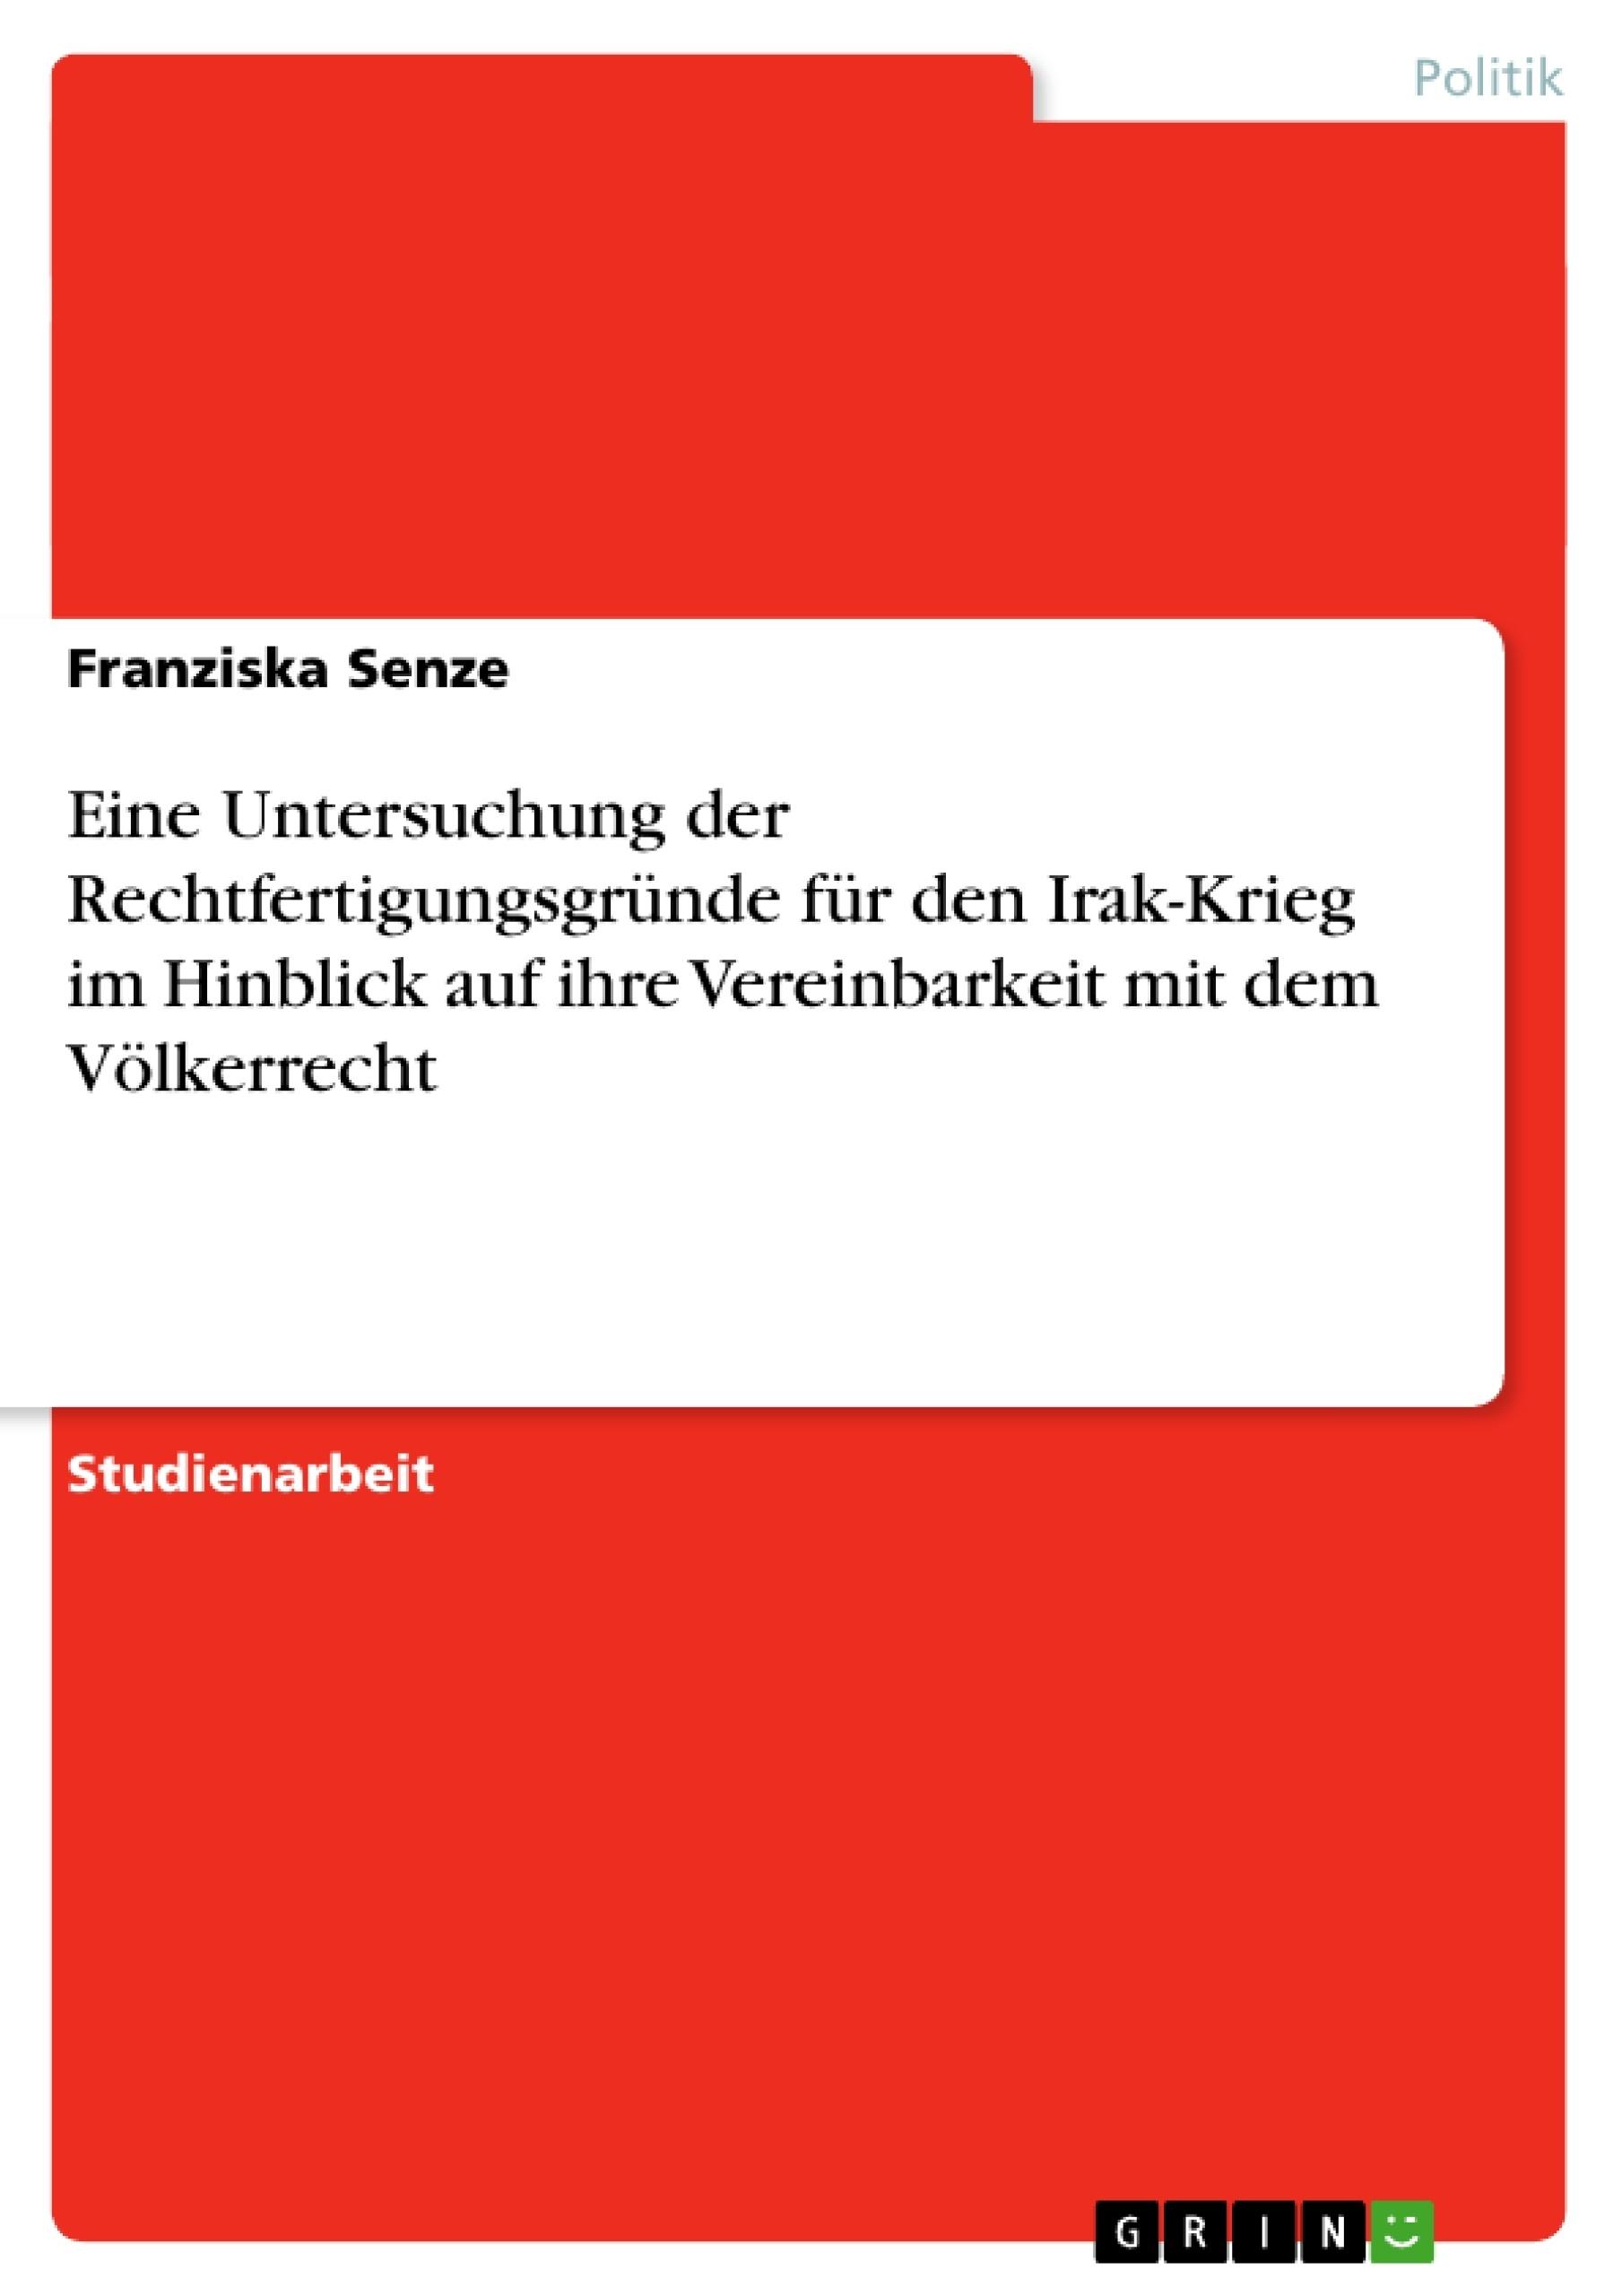 Titel: Eine Untersuchung der Rechtfertigungsgründe für den Irak-Krieg im Hinblick auf ihre Vereinbarkeit mit dem Völkerrecht